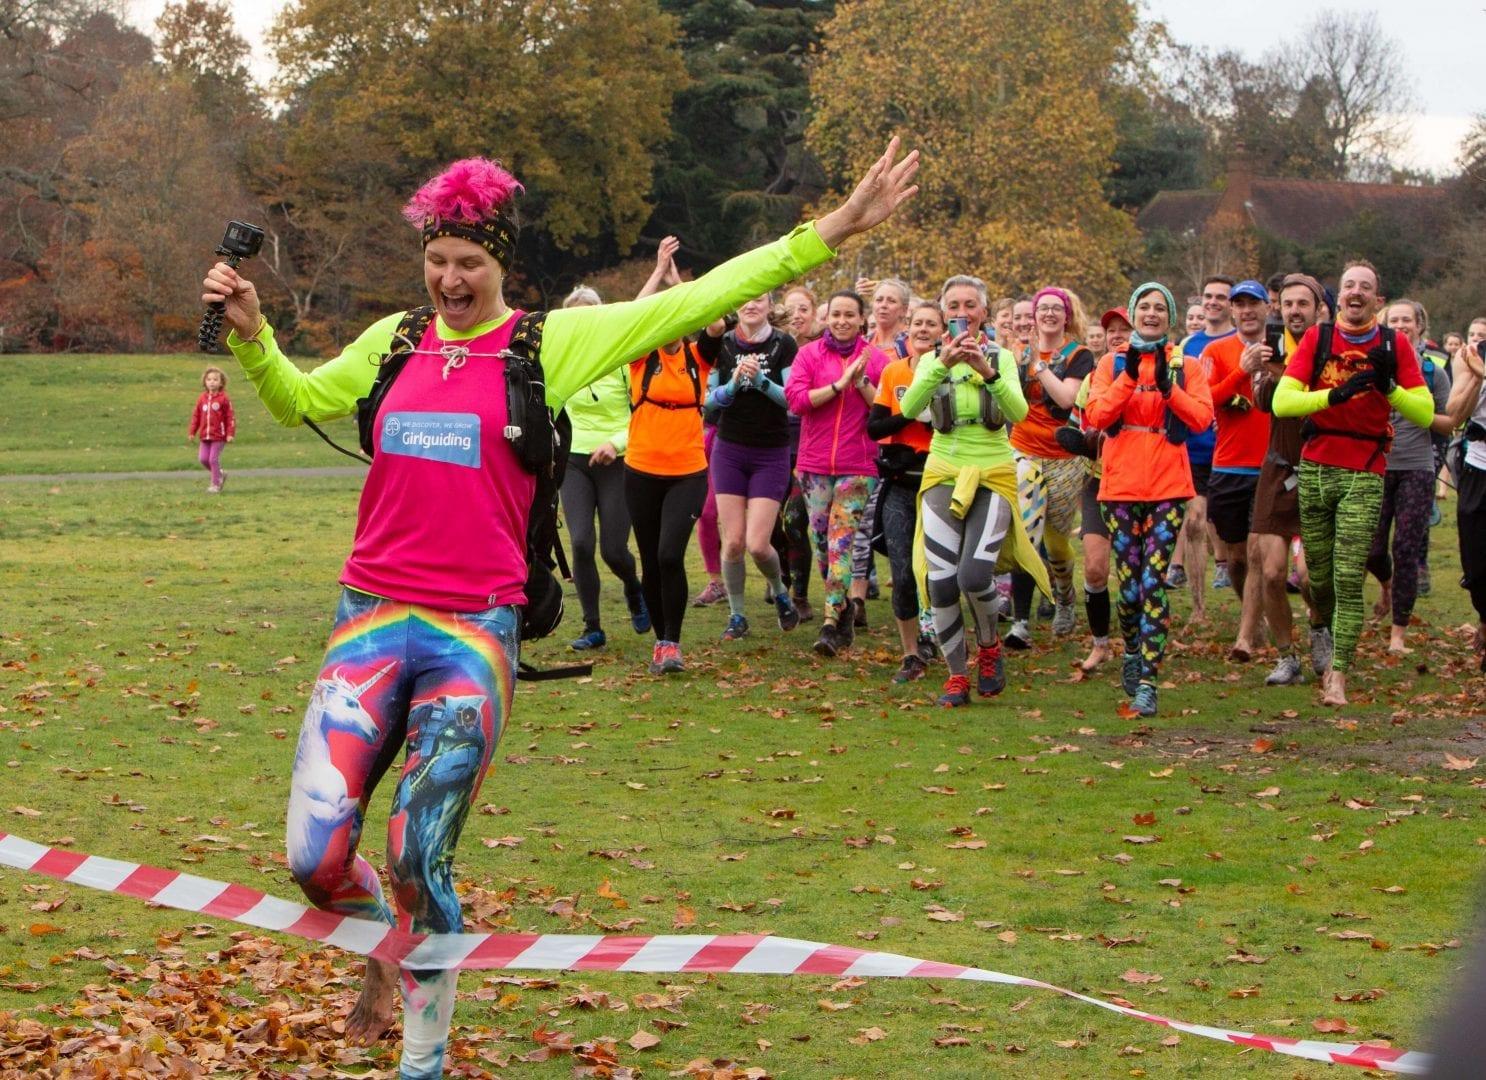 anna-barefoot-britain-finish